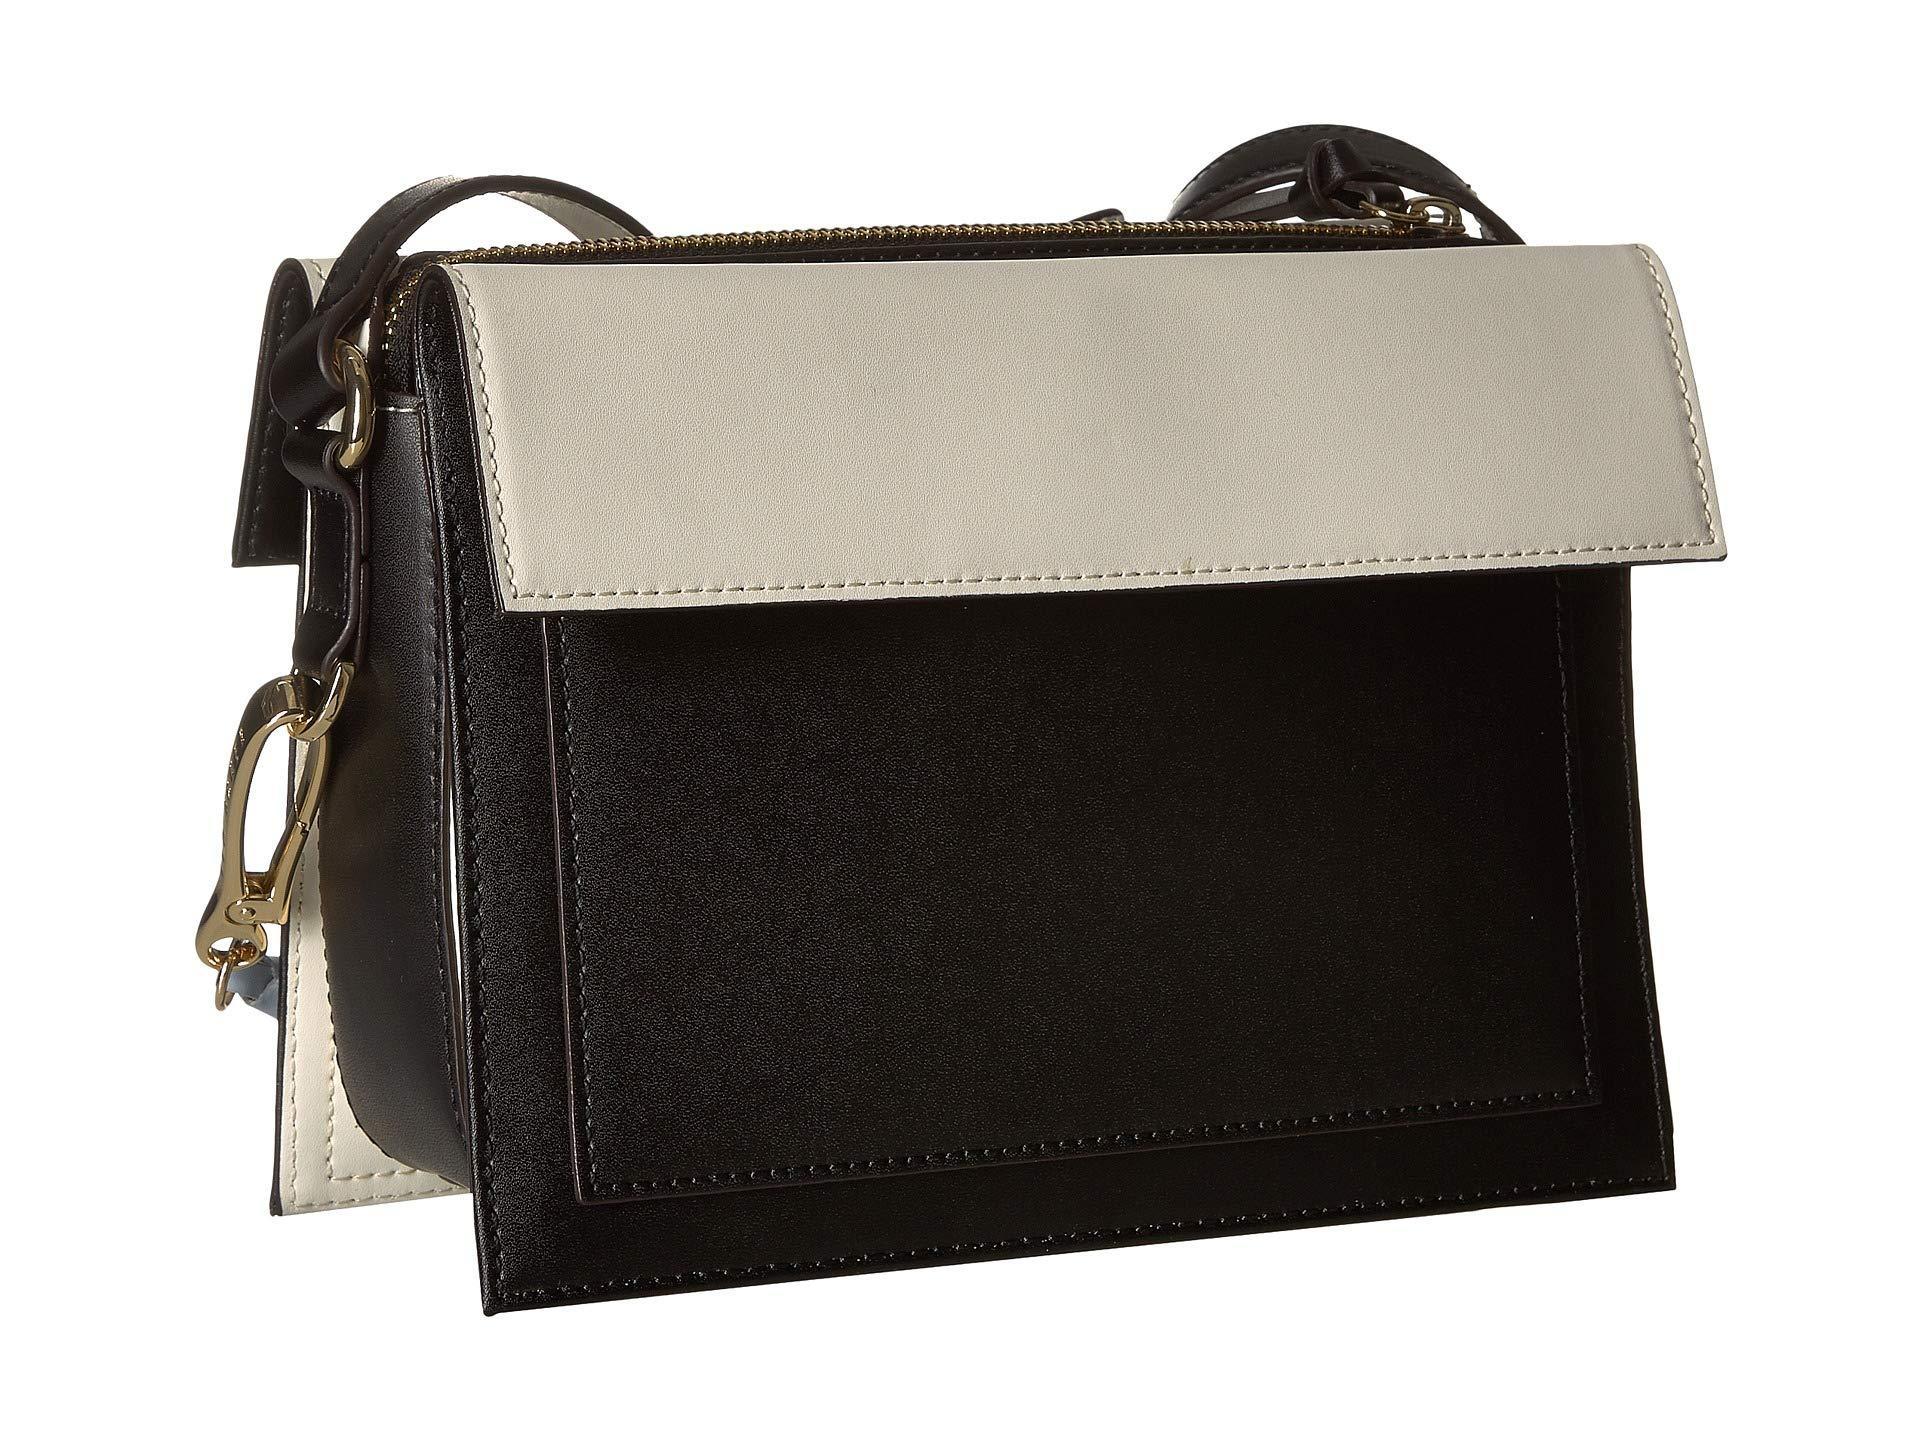 42a926d3a6 Ted Baker - Glacial (black) Handbags - Lyst. View fullscreen